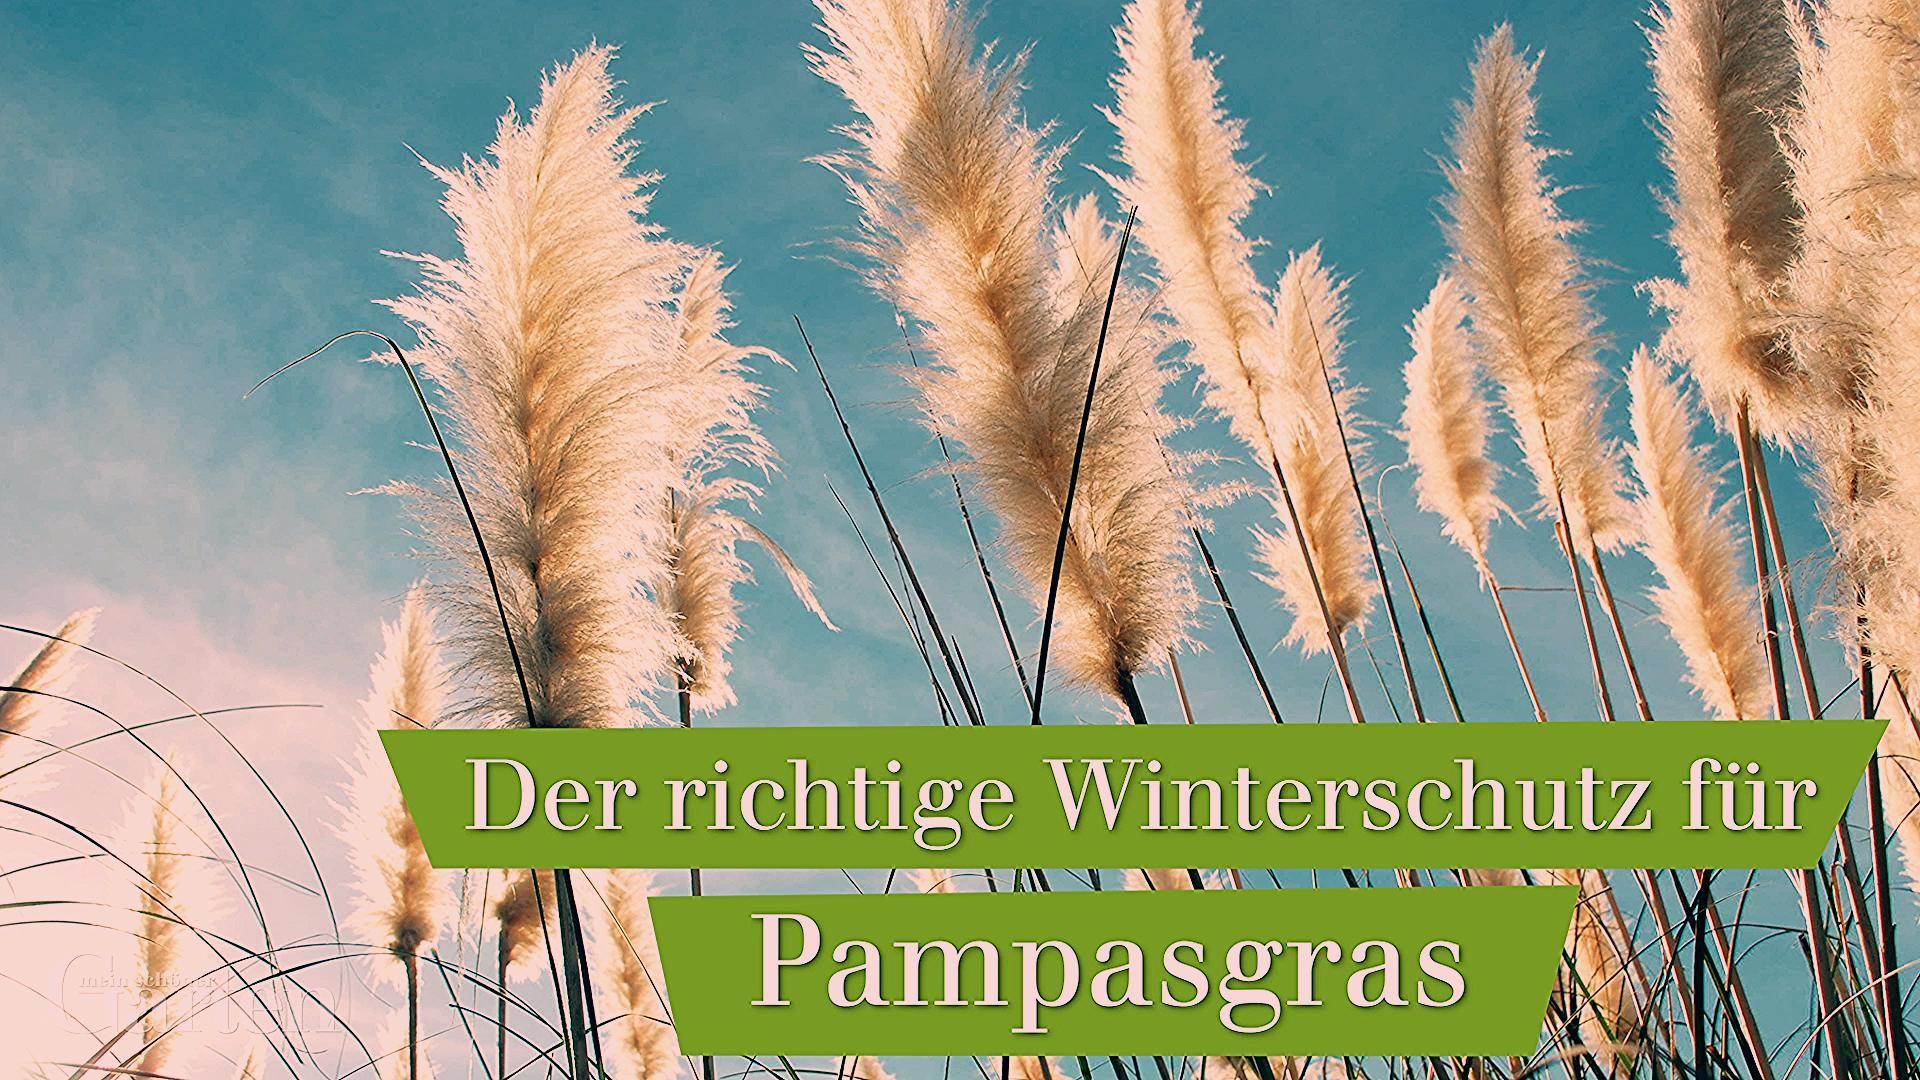 Photo of Ziergräser: Winterschutz für Pampasgras